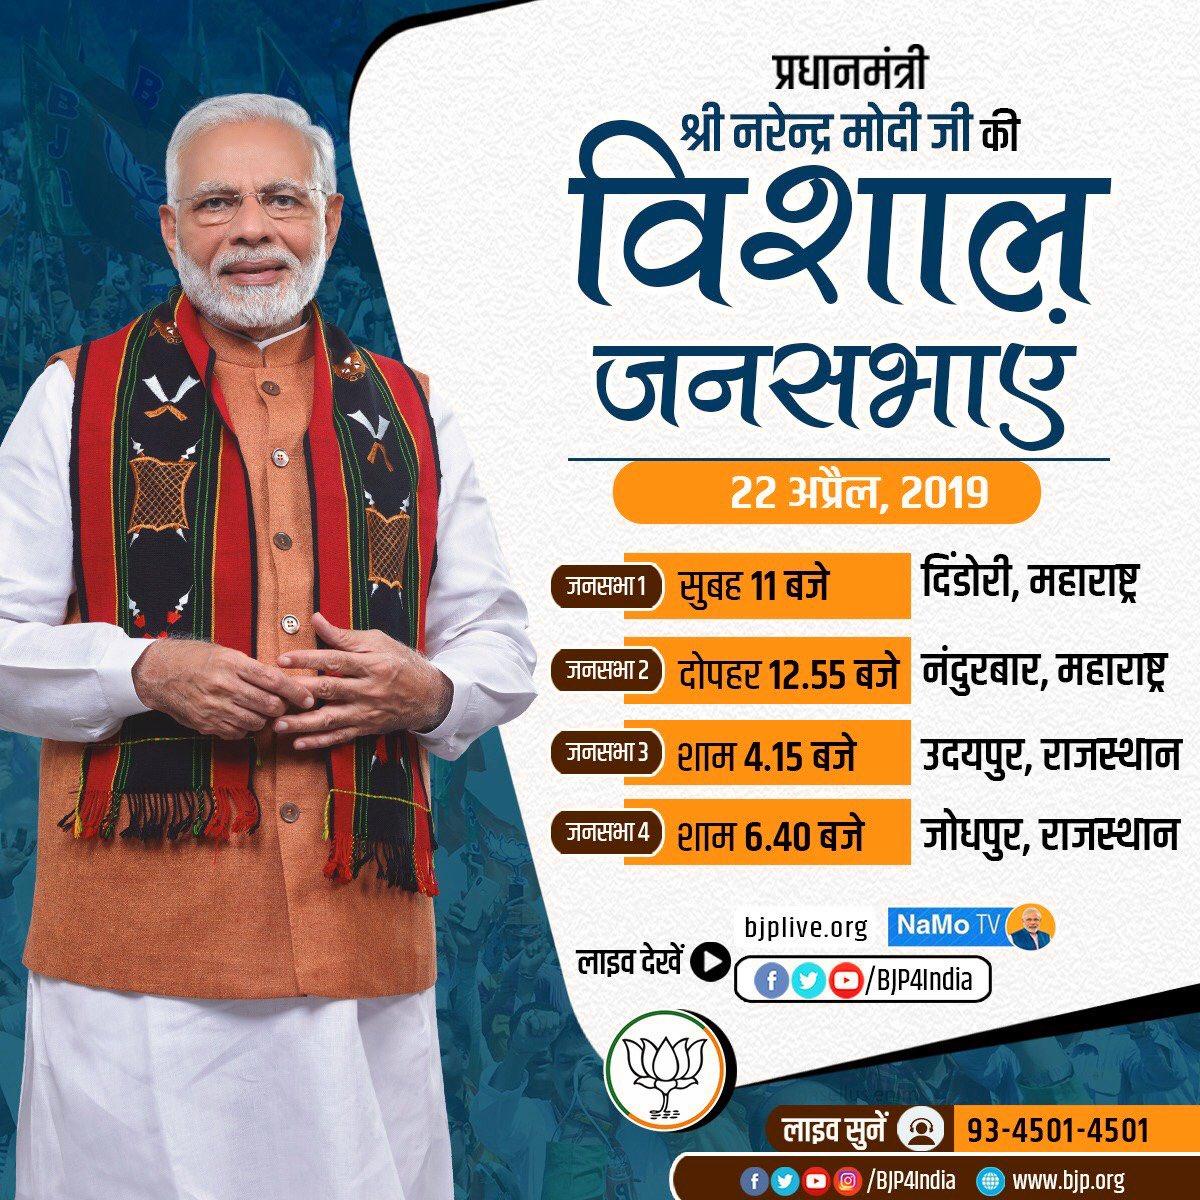 प्रधानमंत्री @narendramodi जी की विशाल जनसभाएं आज इन राज्यों में होगी:  - महाराष्ट्र - राजस्थान  Today's Schedule: